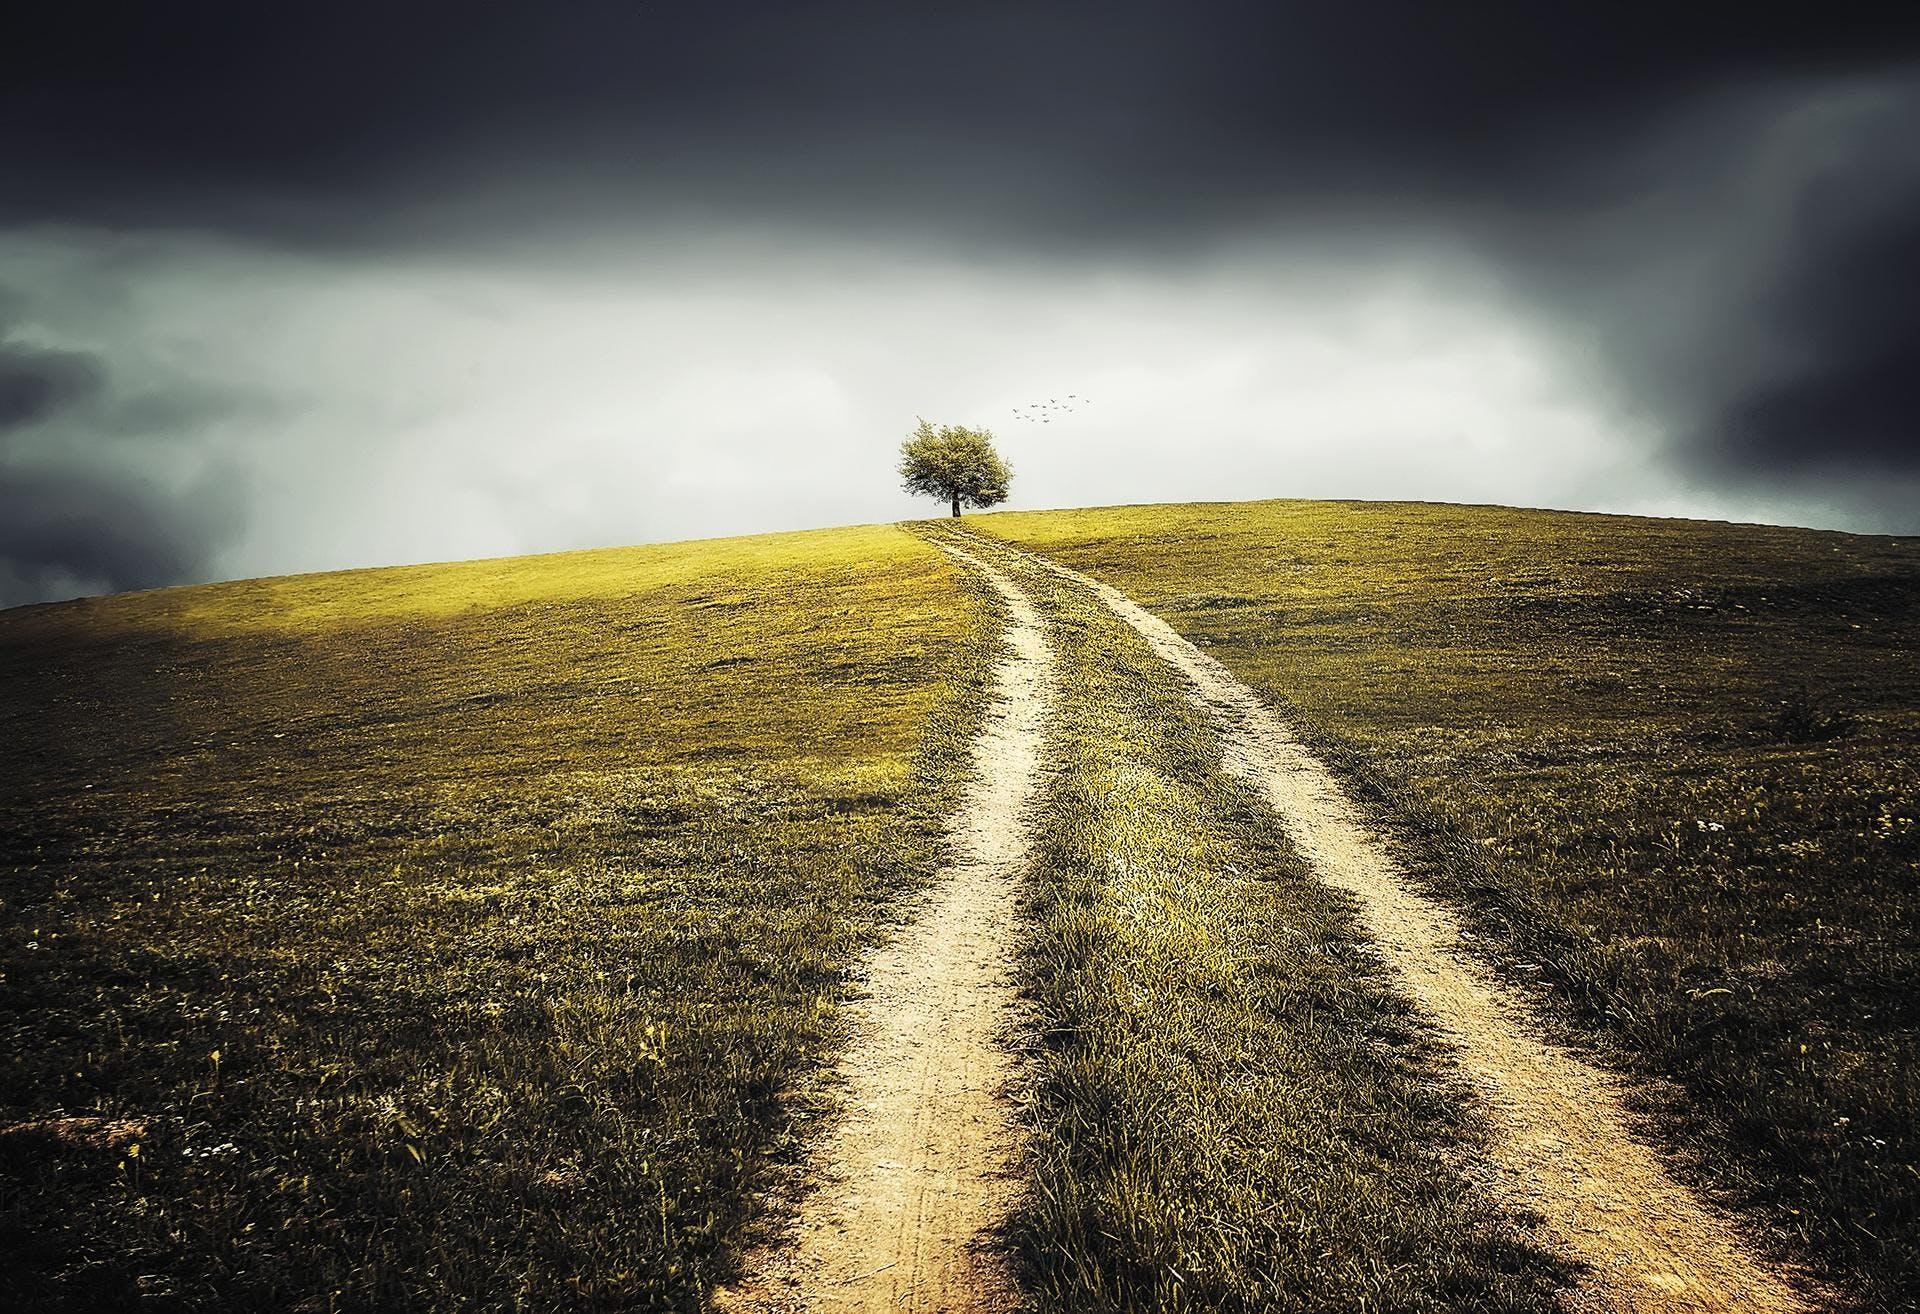 Projections - Le Chemin du bonheur